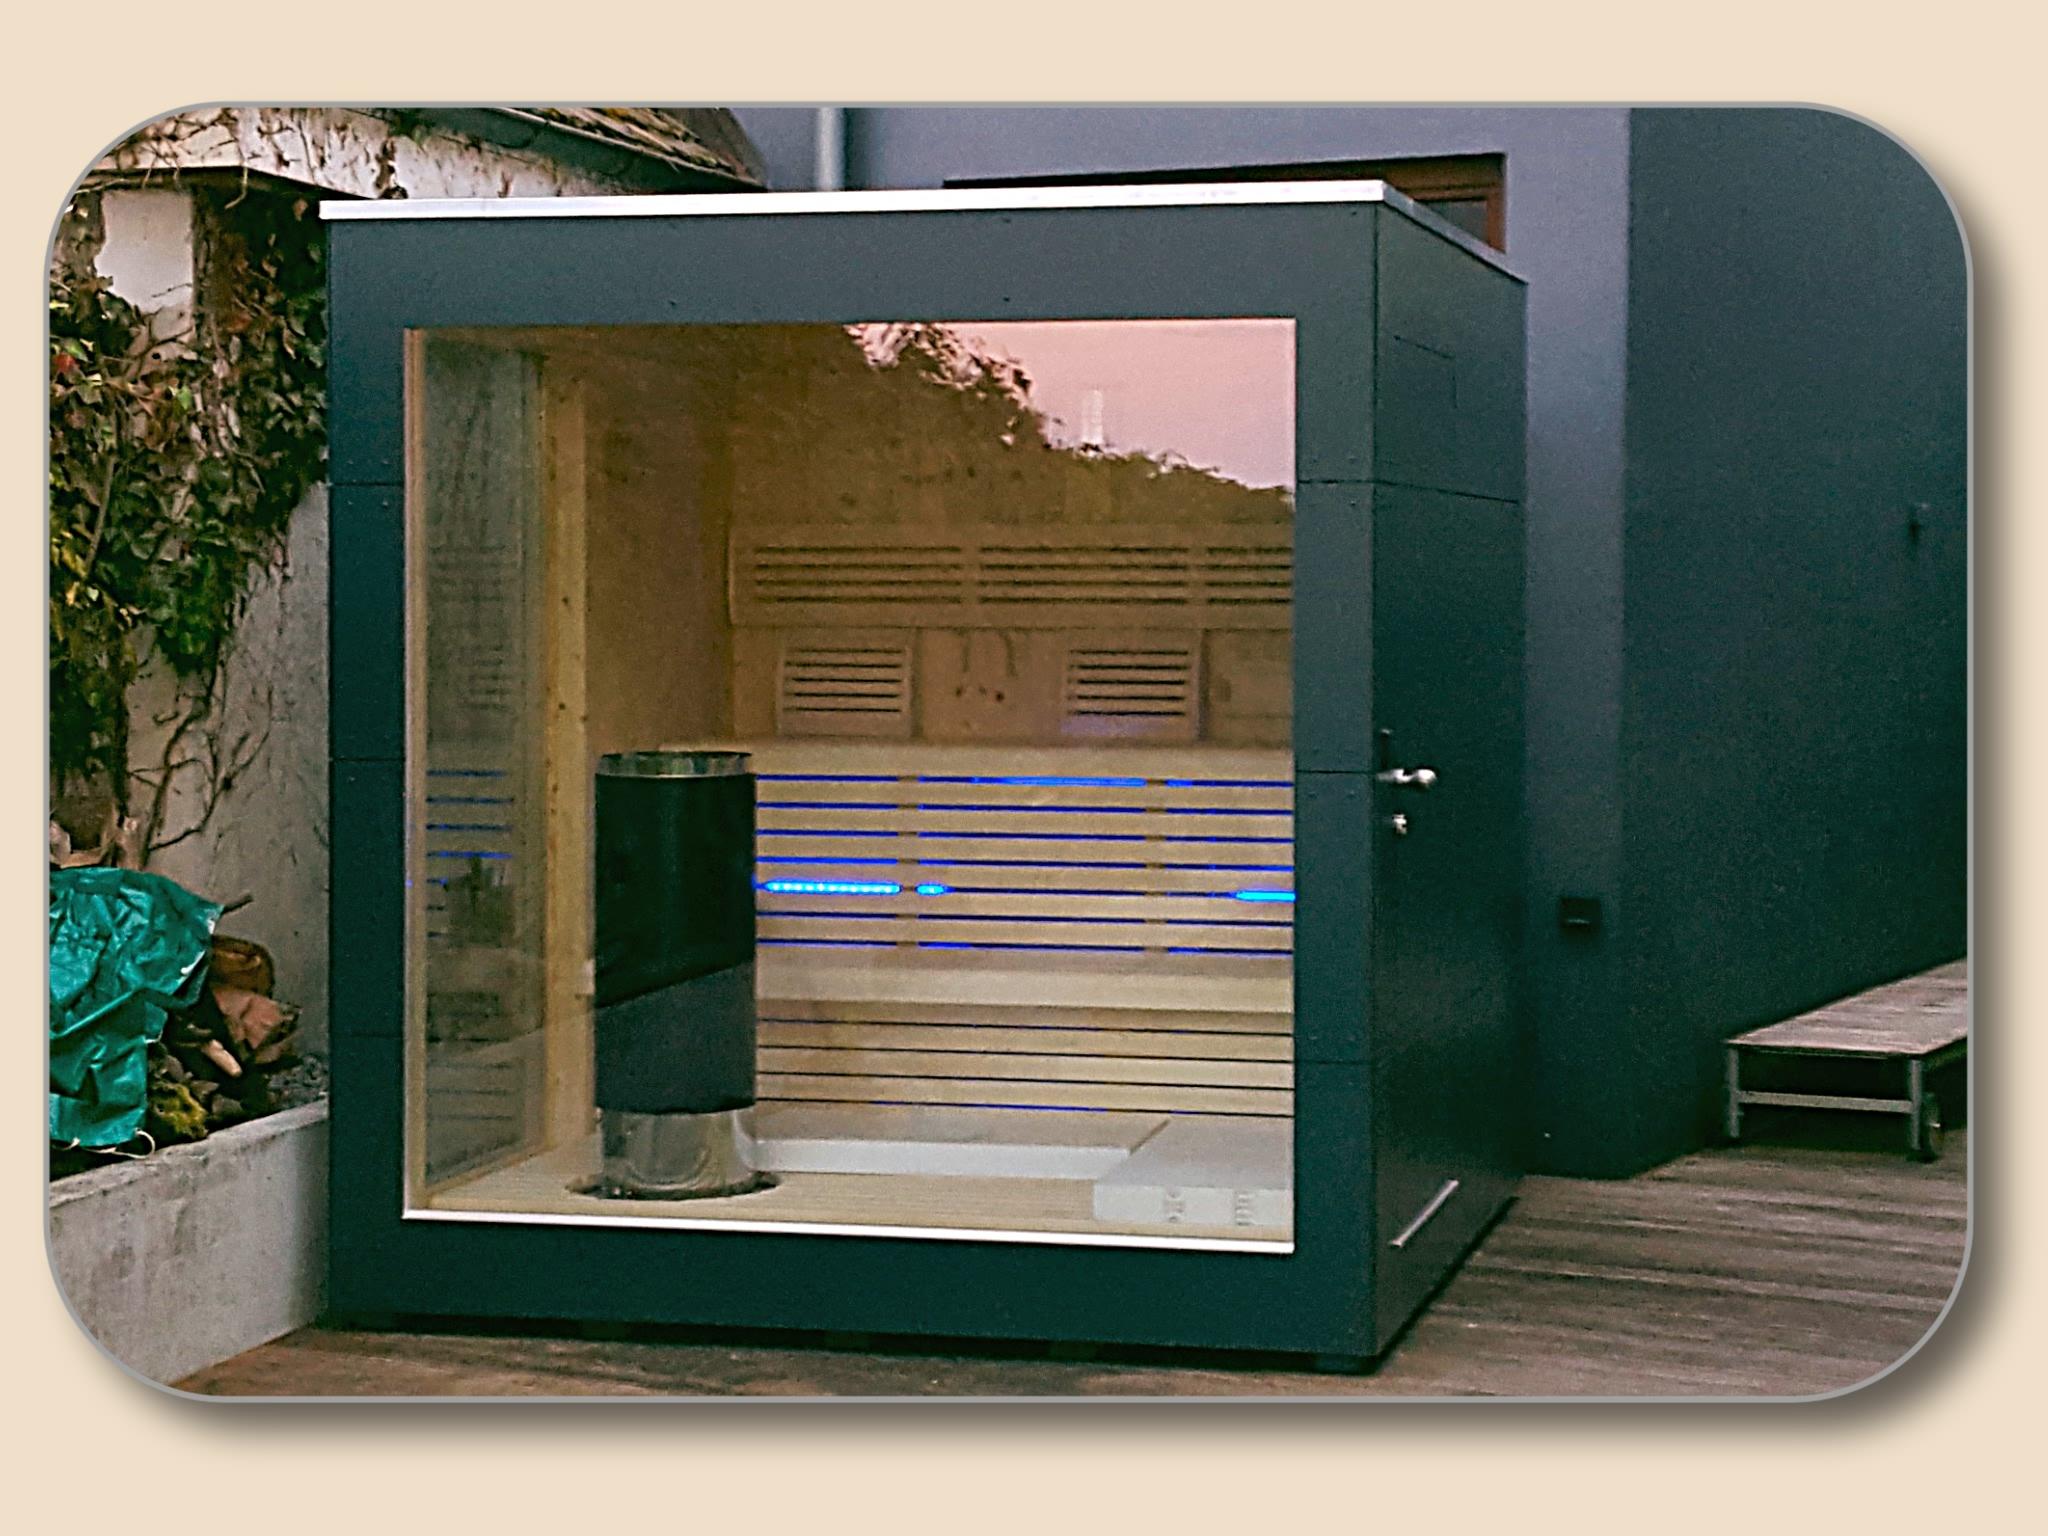 Full Size of Saunahaus Modern Gartensauna Cube Cubus Design Vom Hersteller Holzonde Deckenleuchte Schlafzimmer Esstisch Moderne Landhausküche Deckenlampen Wohnzimmer Wohnzimmer Saunahaus Modern